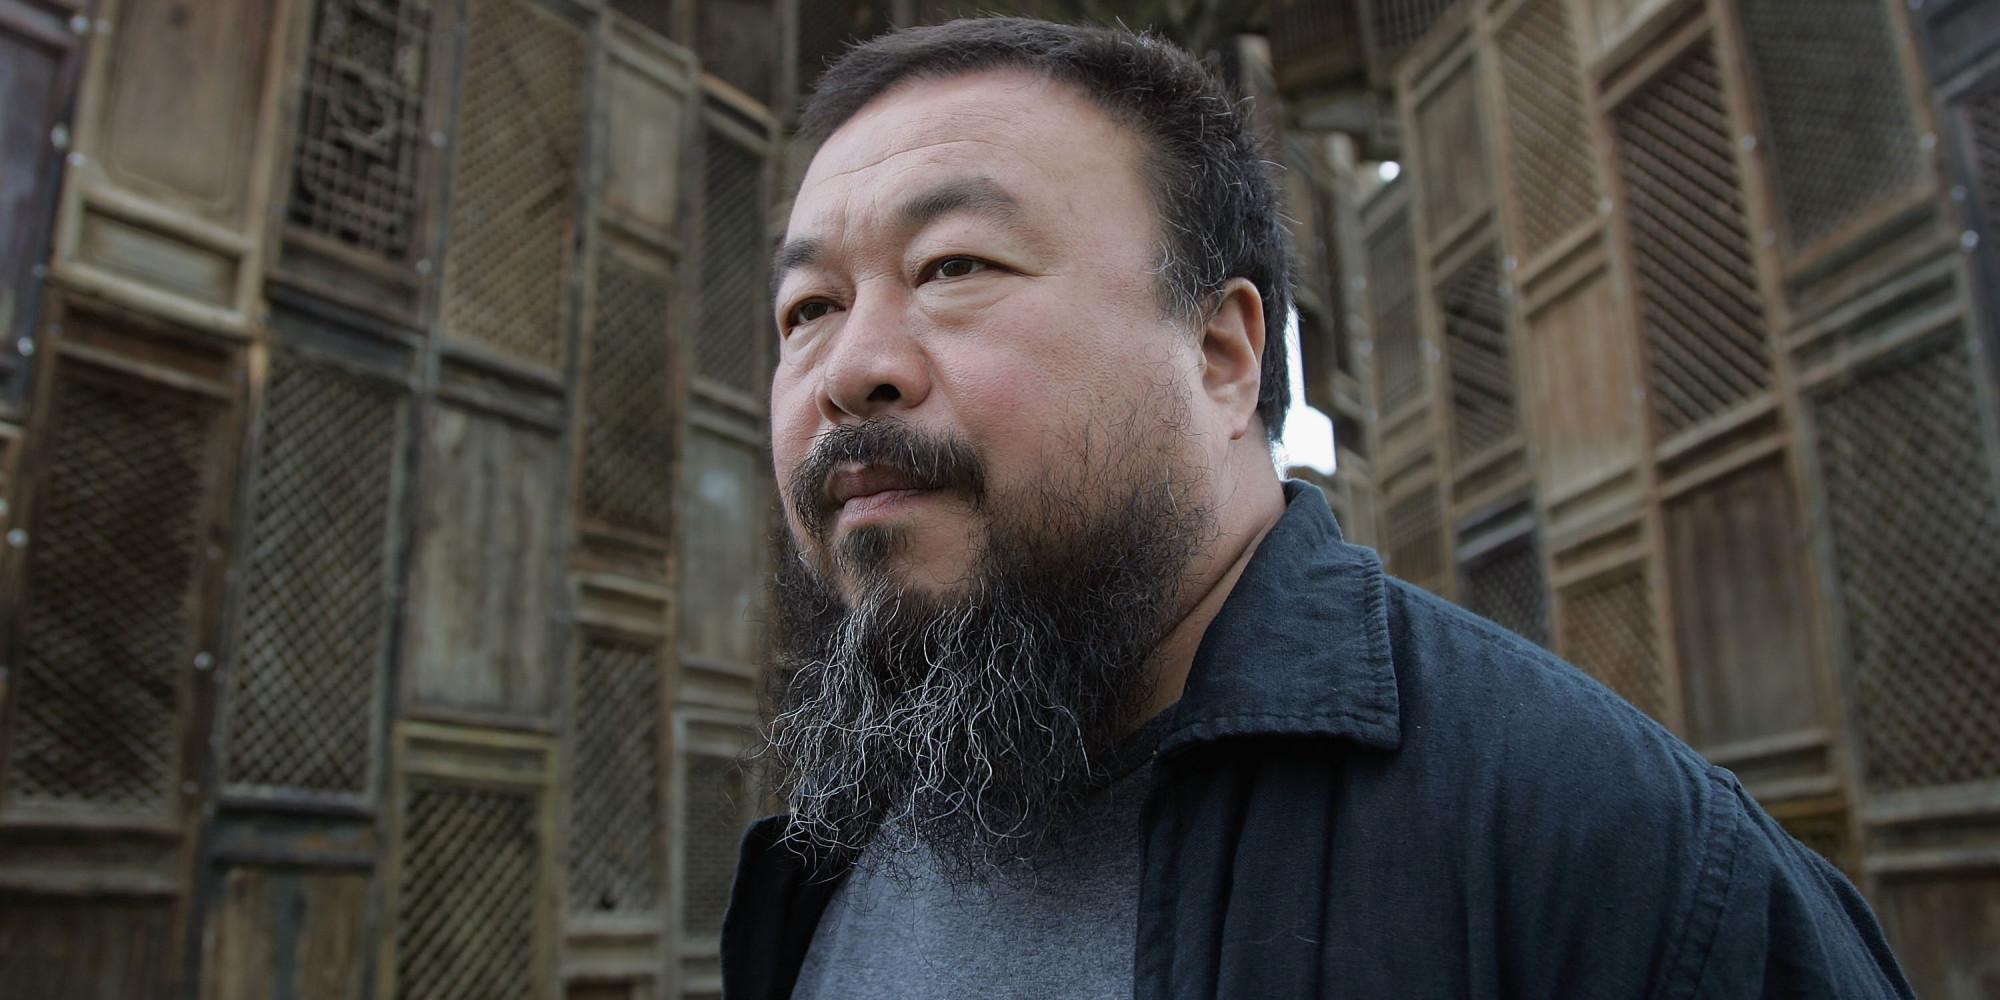 weiwei blog_Ai Weiwei Royal Academy Show Narrowly Avoids Artists Absence After Visa Denial ...